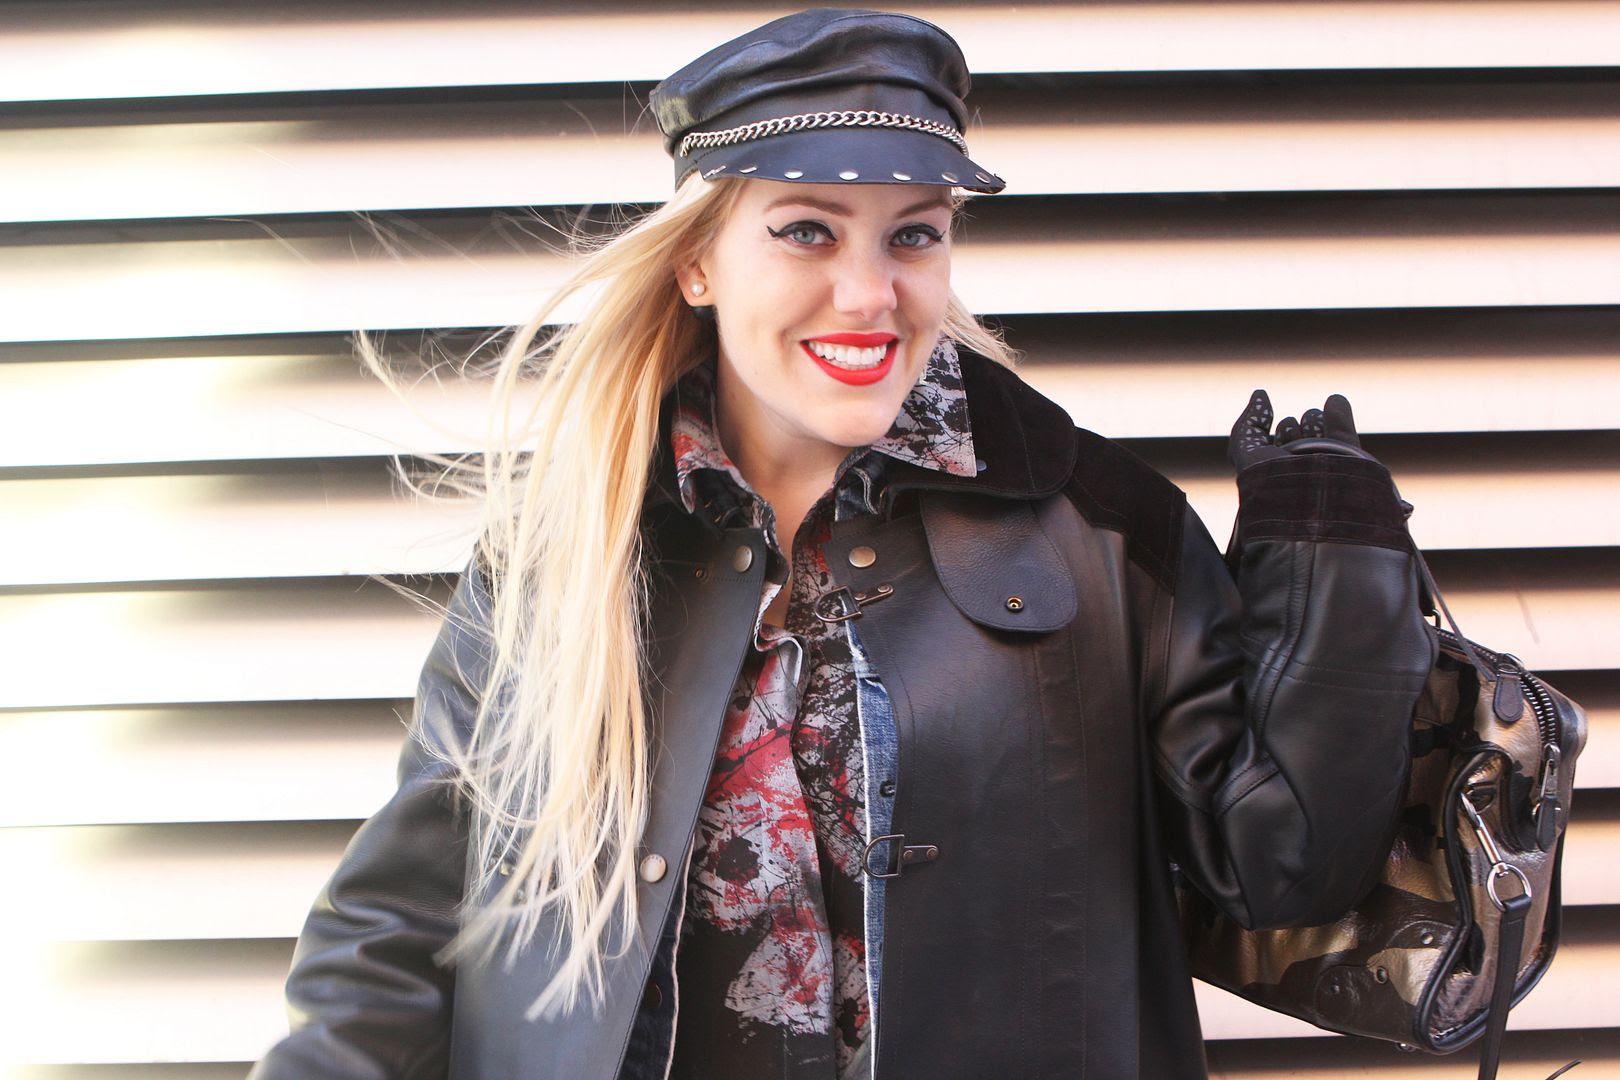 photo sambeckerman-samanthabeckerman-coachgirls-coachambassador-hanleymellonblouse-_zps8a965638.jpg